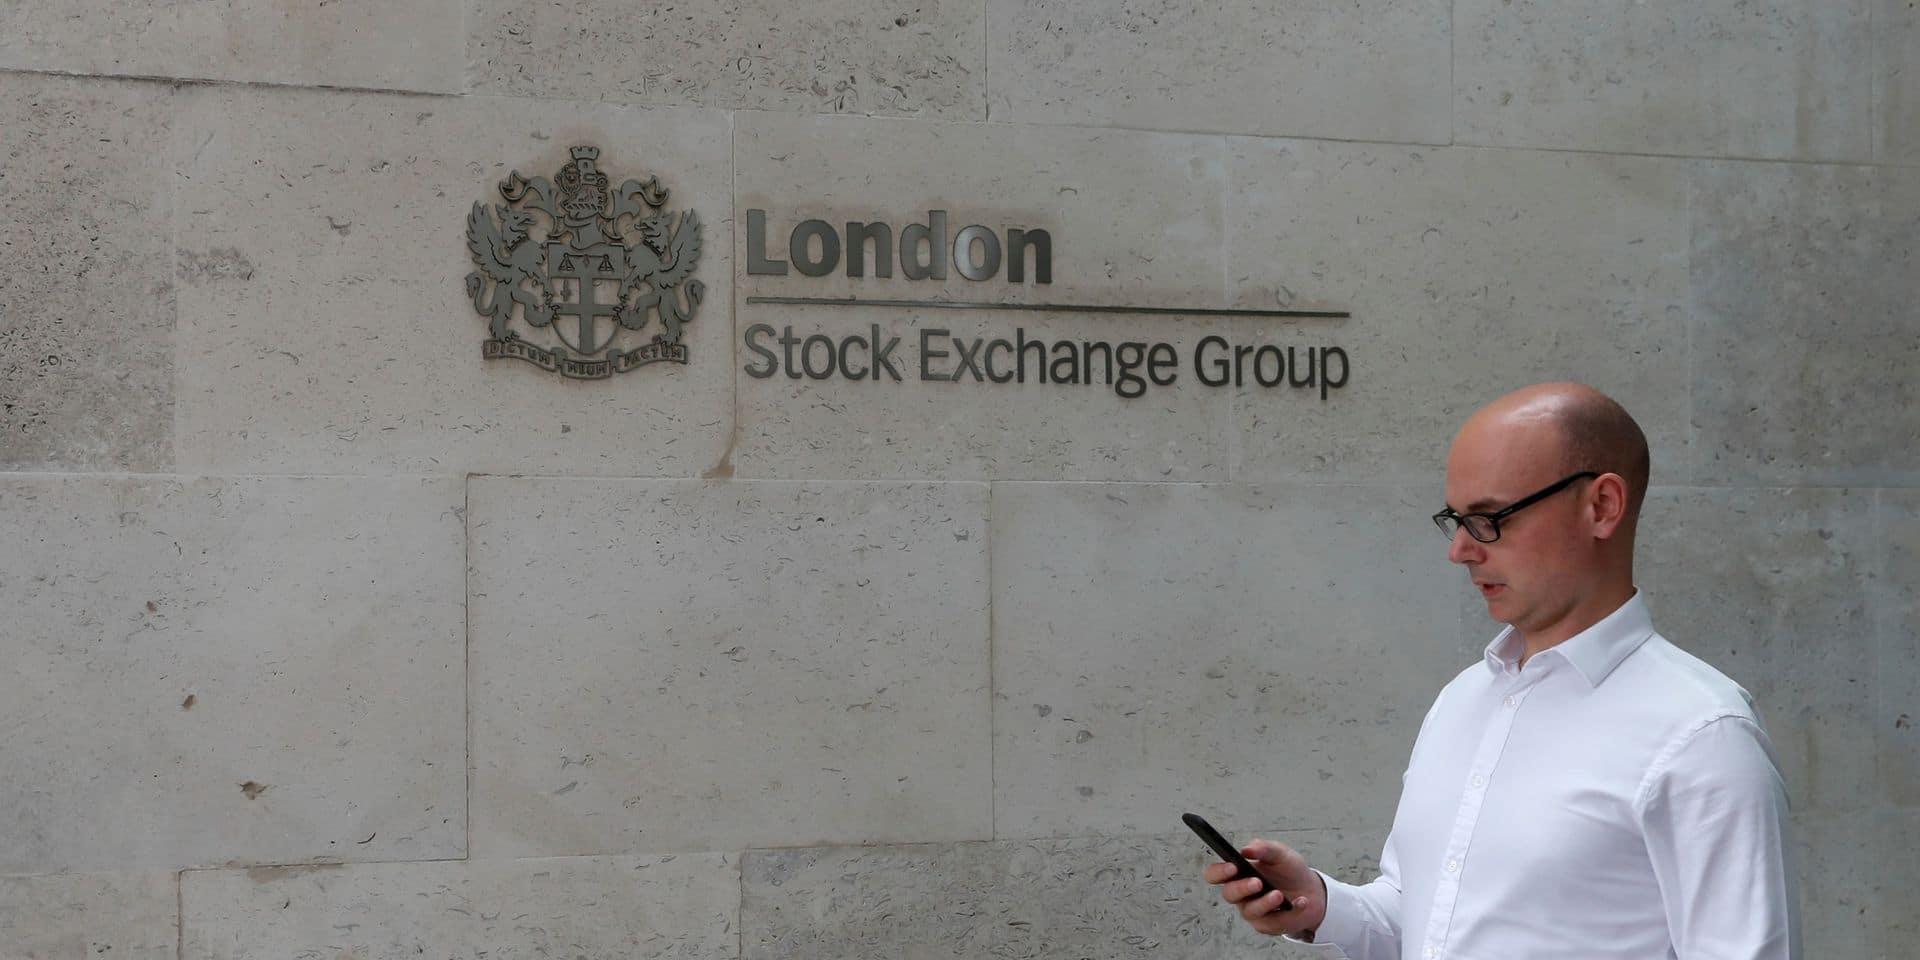 La Bourse de Londres accroît ses pertes pendant le discours de Boris Johnson sur le Brexit